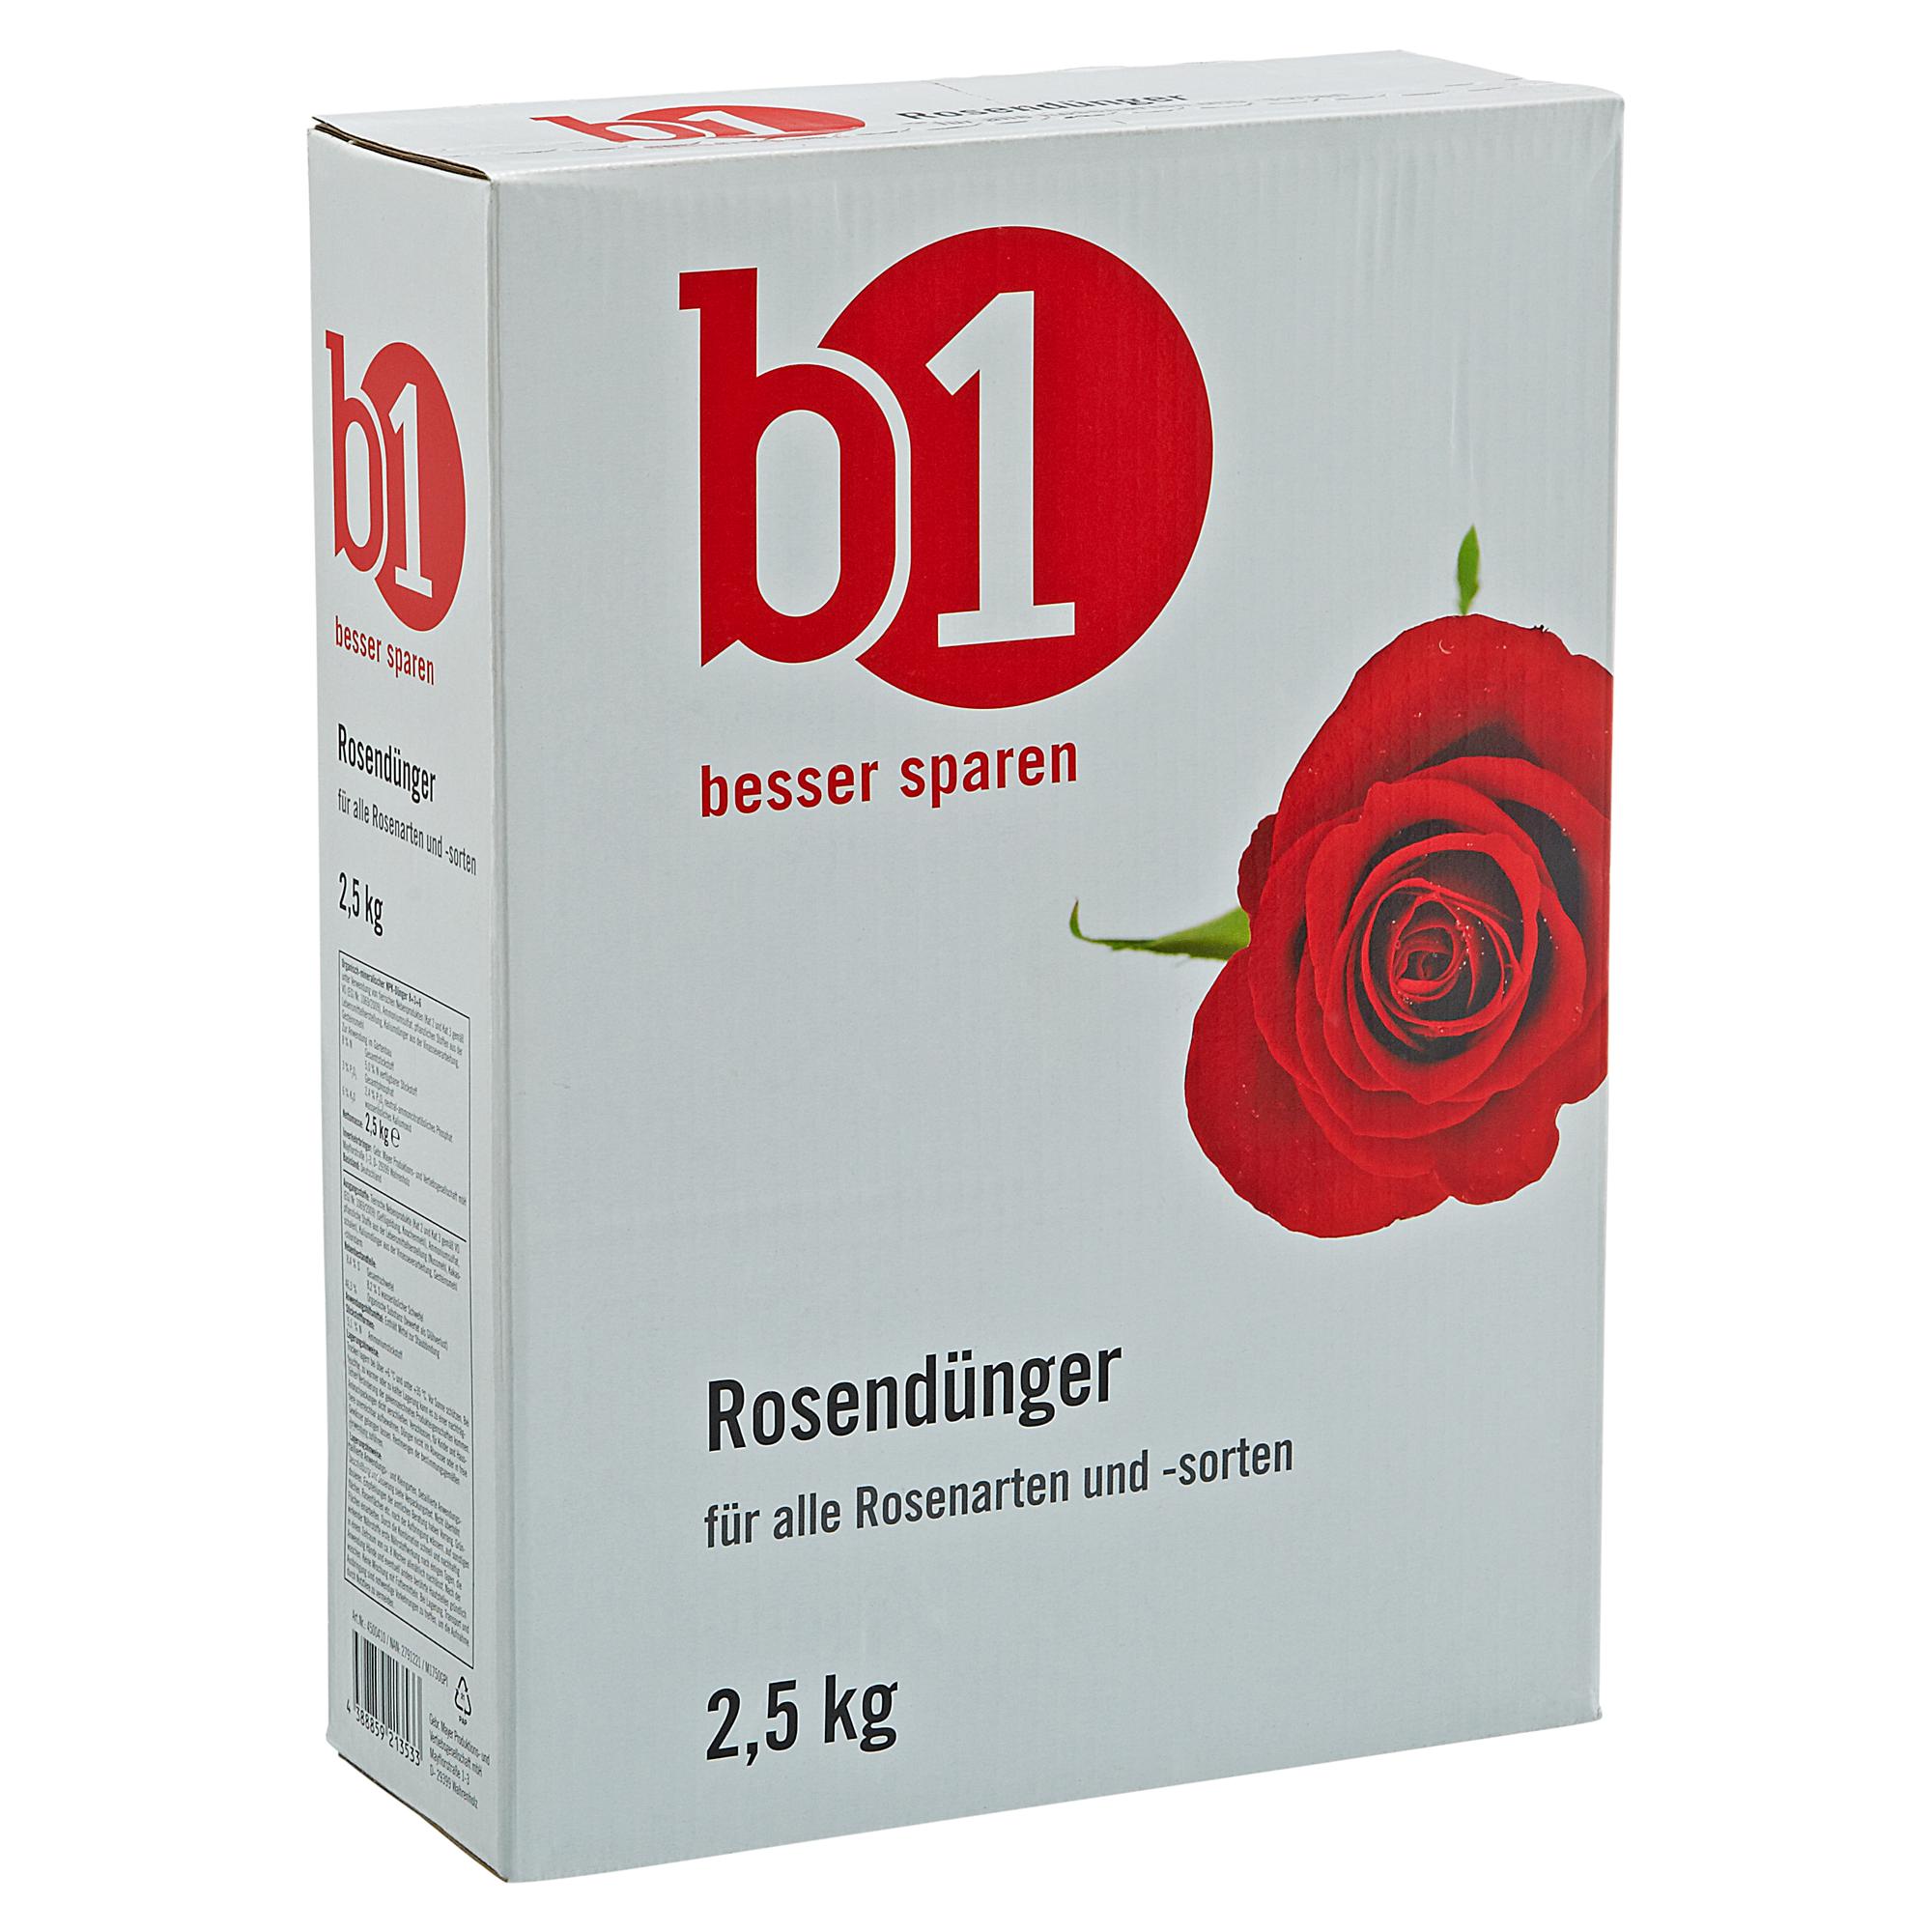 B1 Rosendünger 2,5 kg